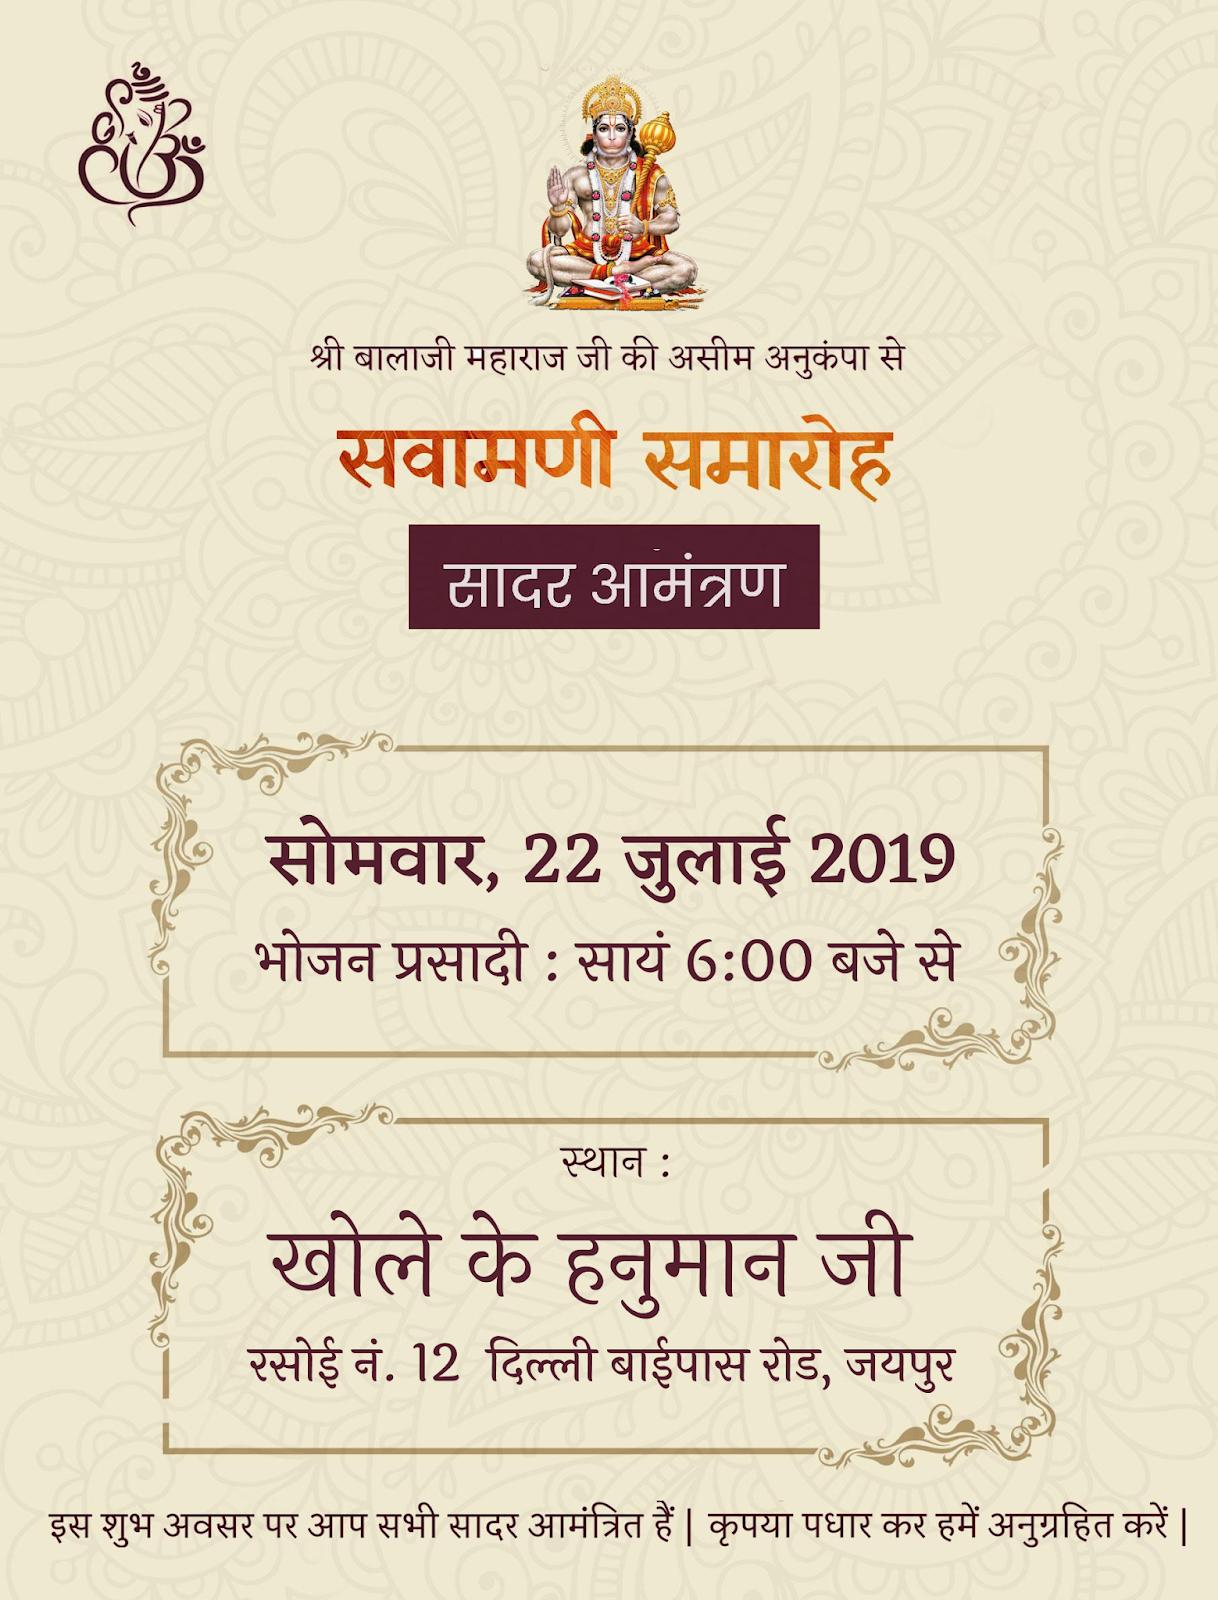 Download Free Invitation Card Templates For Sawamani Hindi